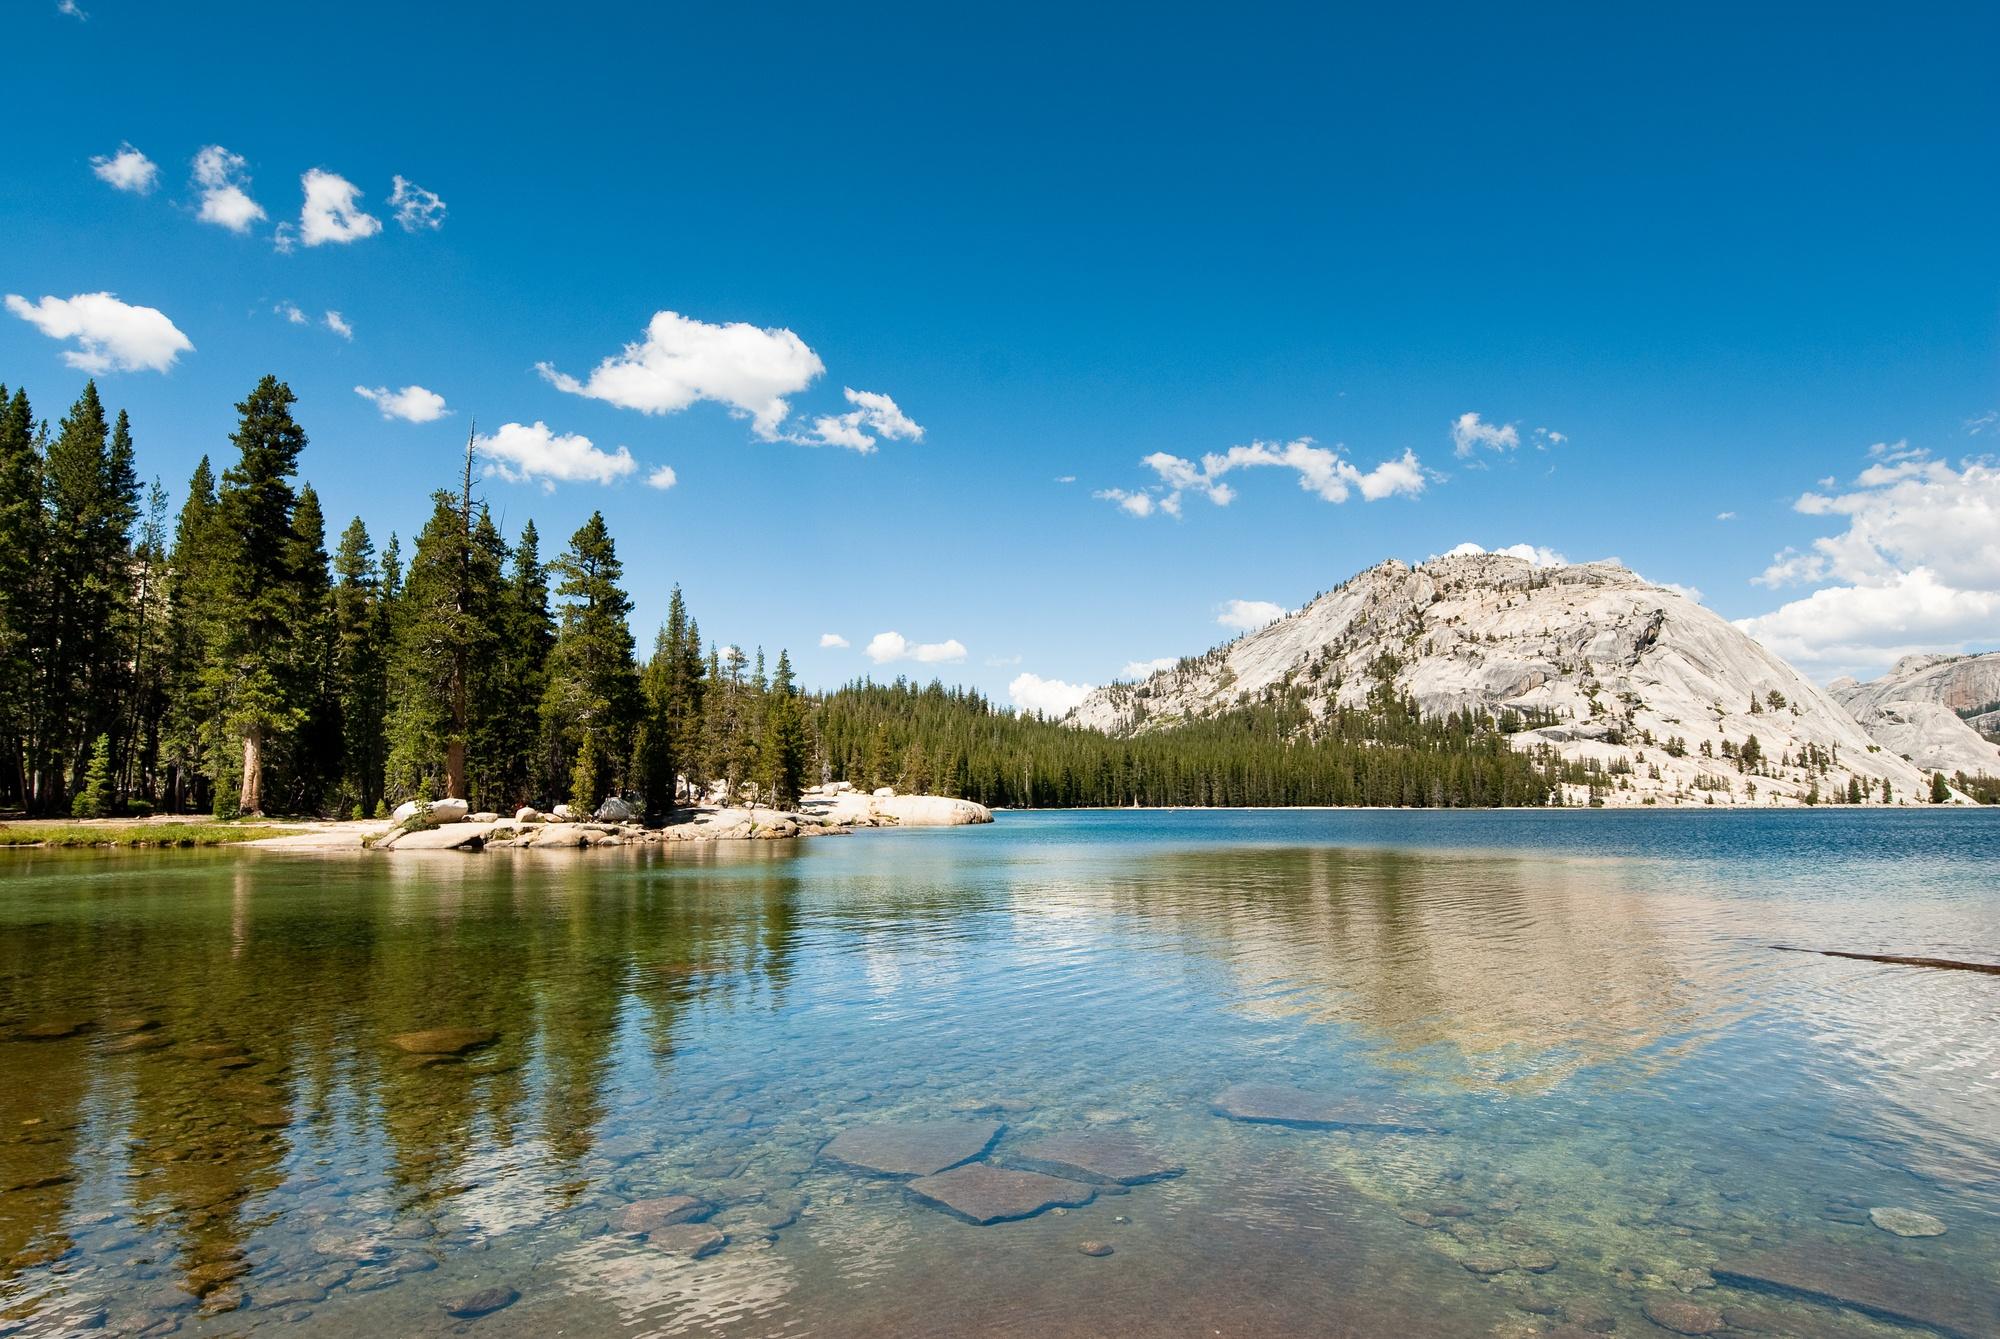 Tenaya Lake in Yosemite